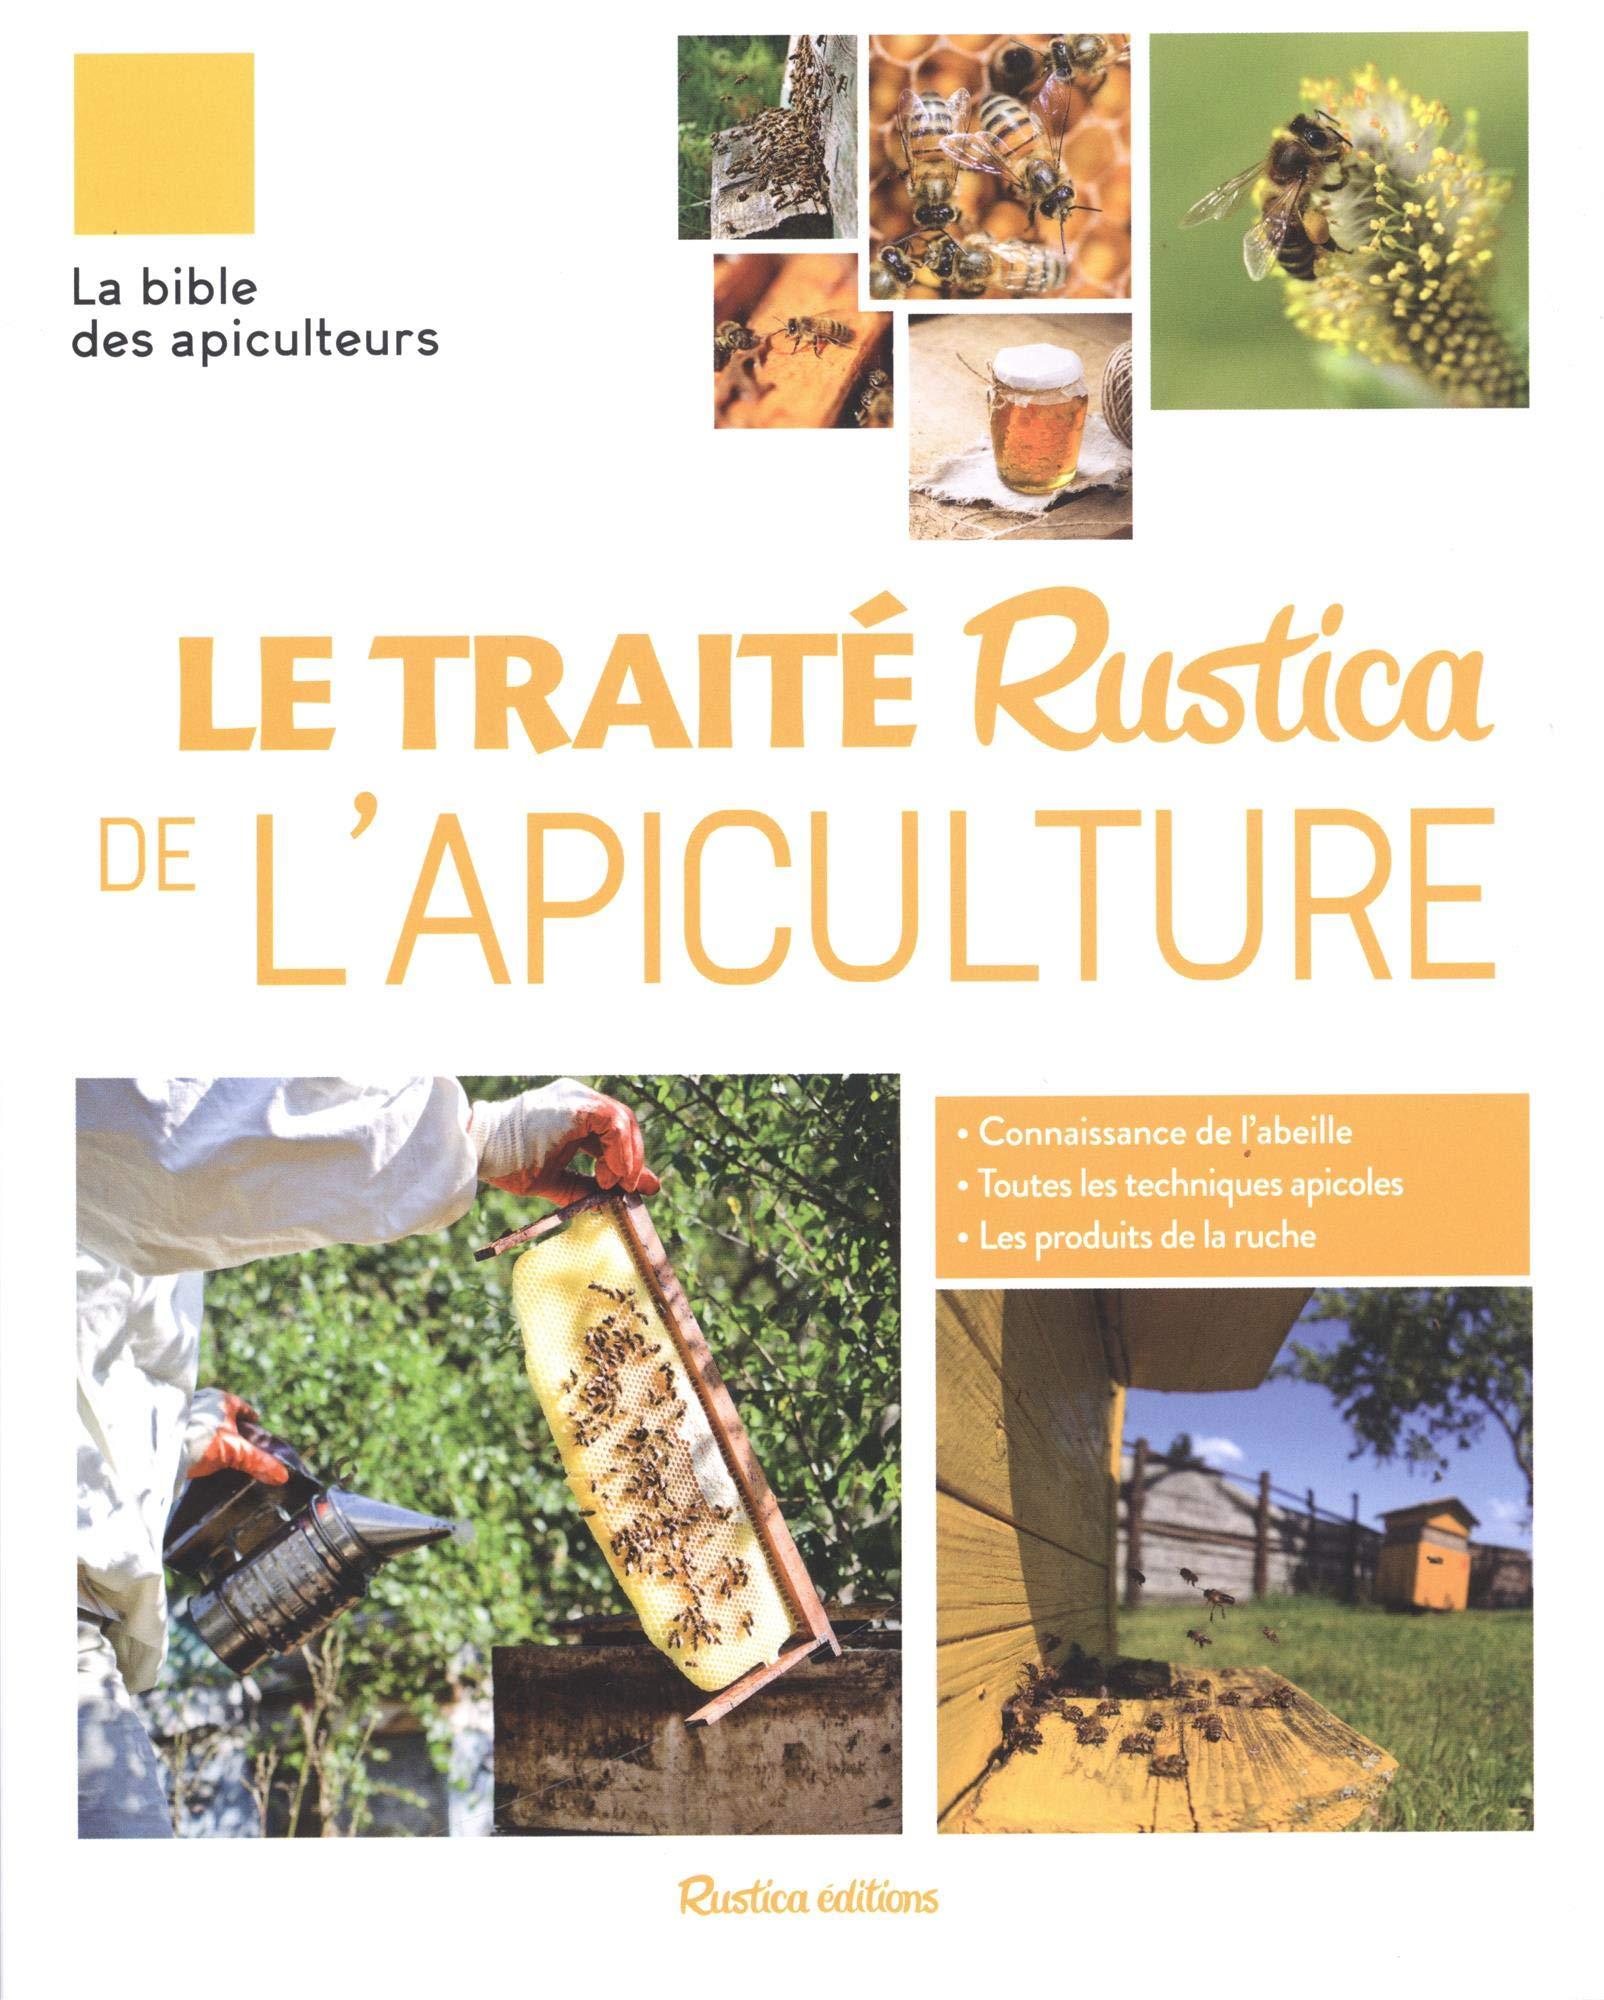 Le traité Rustica de l'apiculture Broché – 20 juin 2018 Collectif Henri Clément Rustica éditions 2815312670